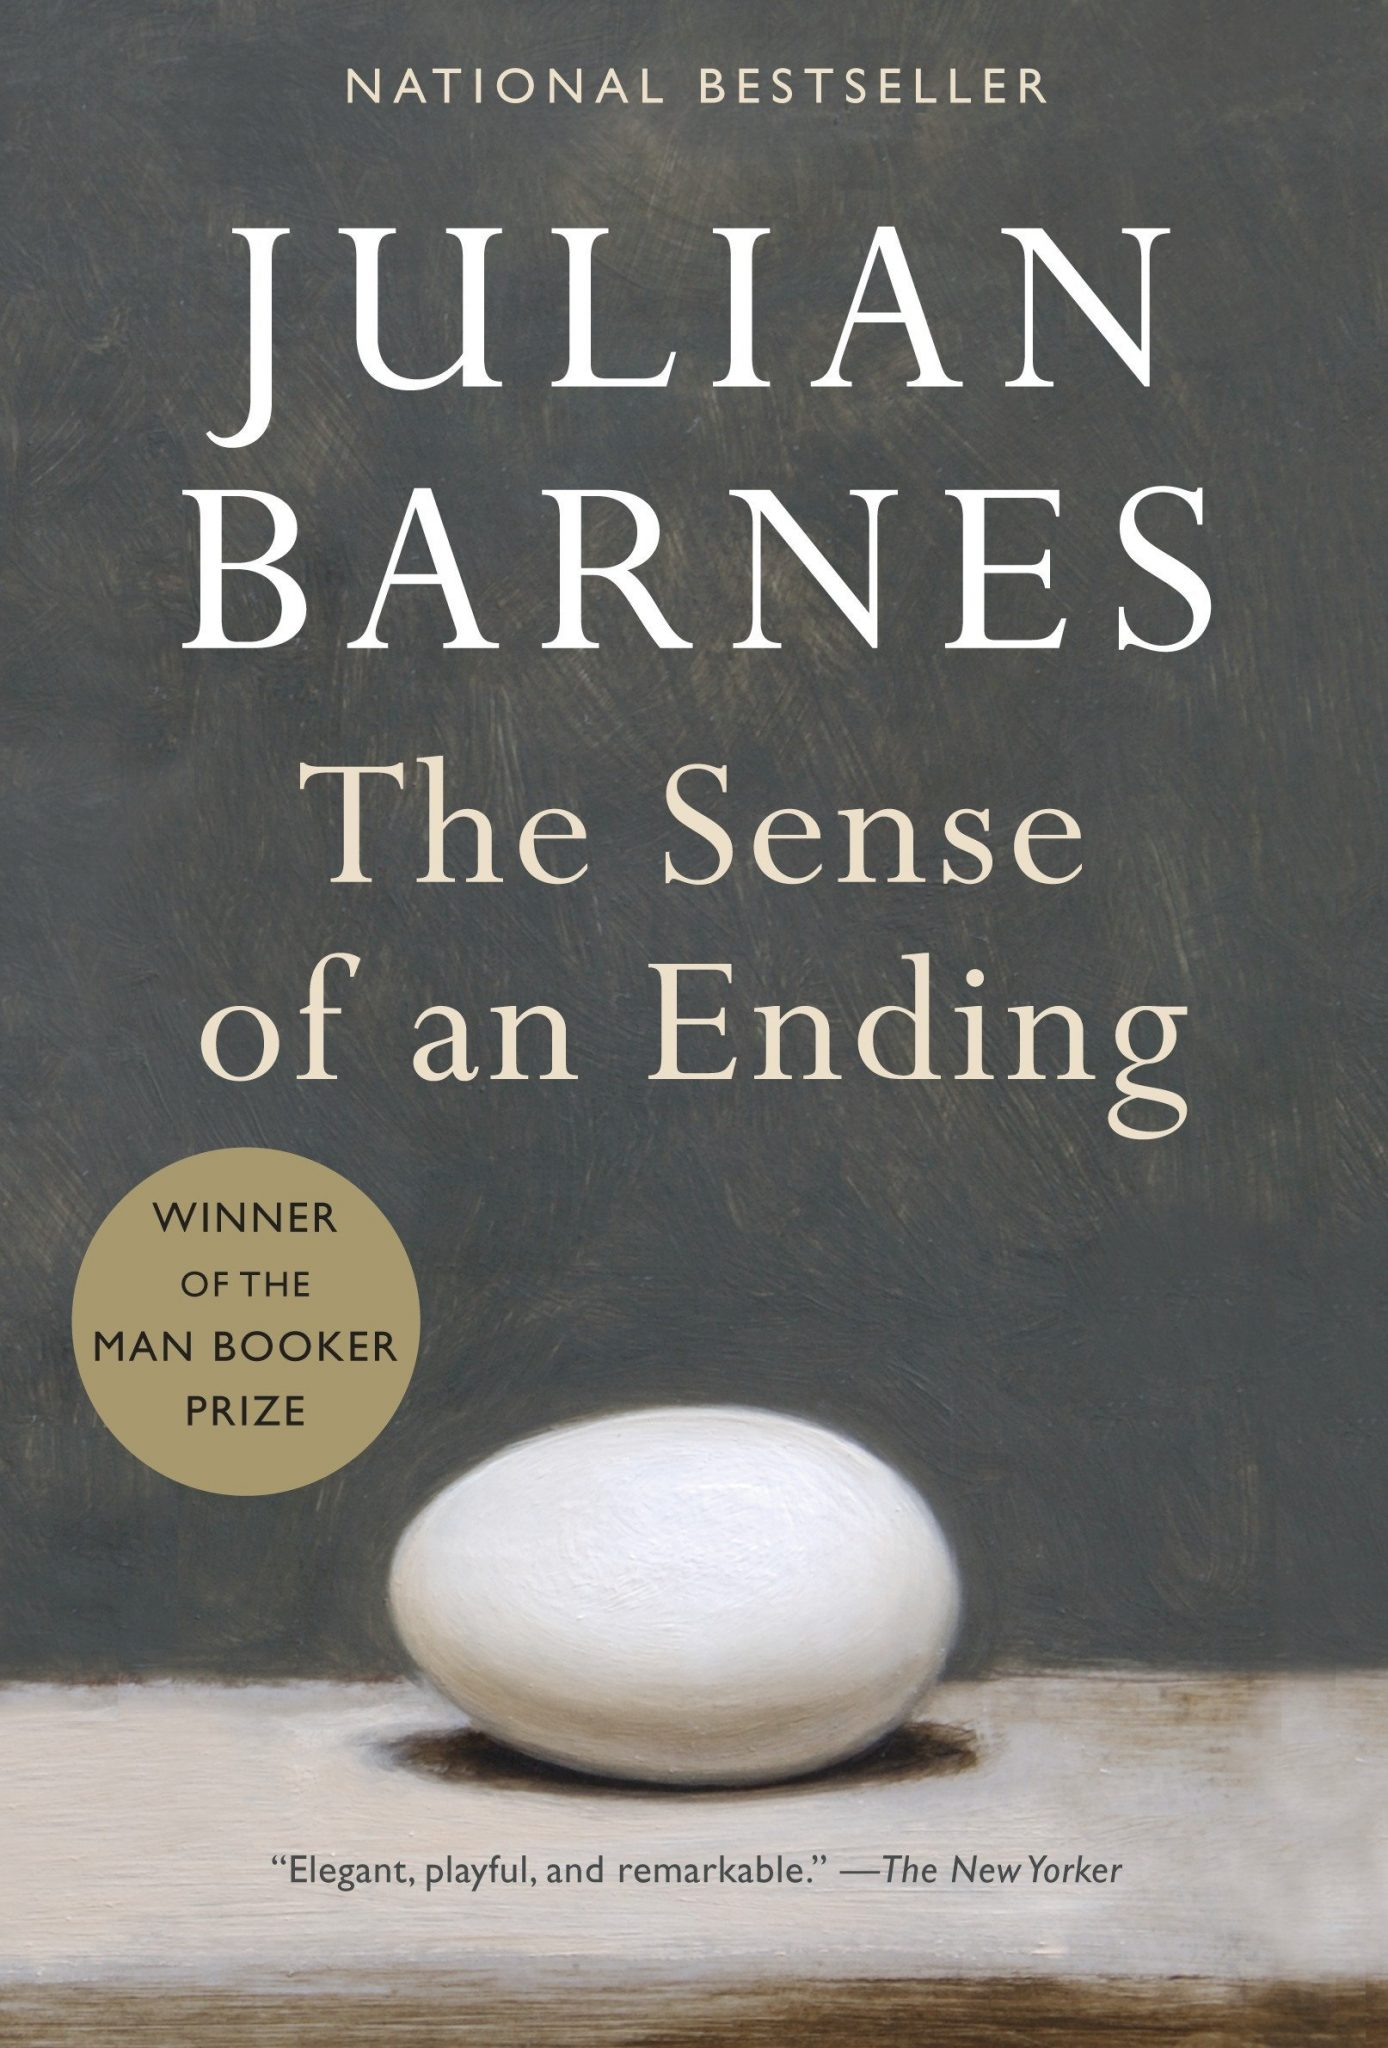 """جولیان بارنز Julian Barnes سال ۲۰۱۱ جایزه """"بوکر"""" را برای رمان درک یک پایان دریافت کرد. """"جولین بارنز"""" قبلا سه بار، در سالهای ۱۹۸۴، ۱۹۹۸ و ۲۰۰۵ به لیست نهایی نامزدهای جایزه بوکر راه پیدا کرده بود اما موفق به دریافت آن نشده بود. زمان داستان این رمان دههی شصت میلادی است که چهل سال بعد توسط یکی از شخصیتها روایت میشود."""